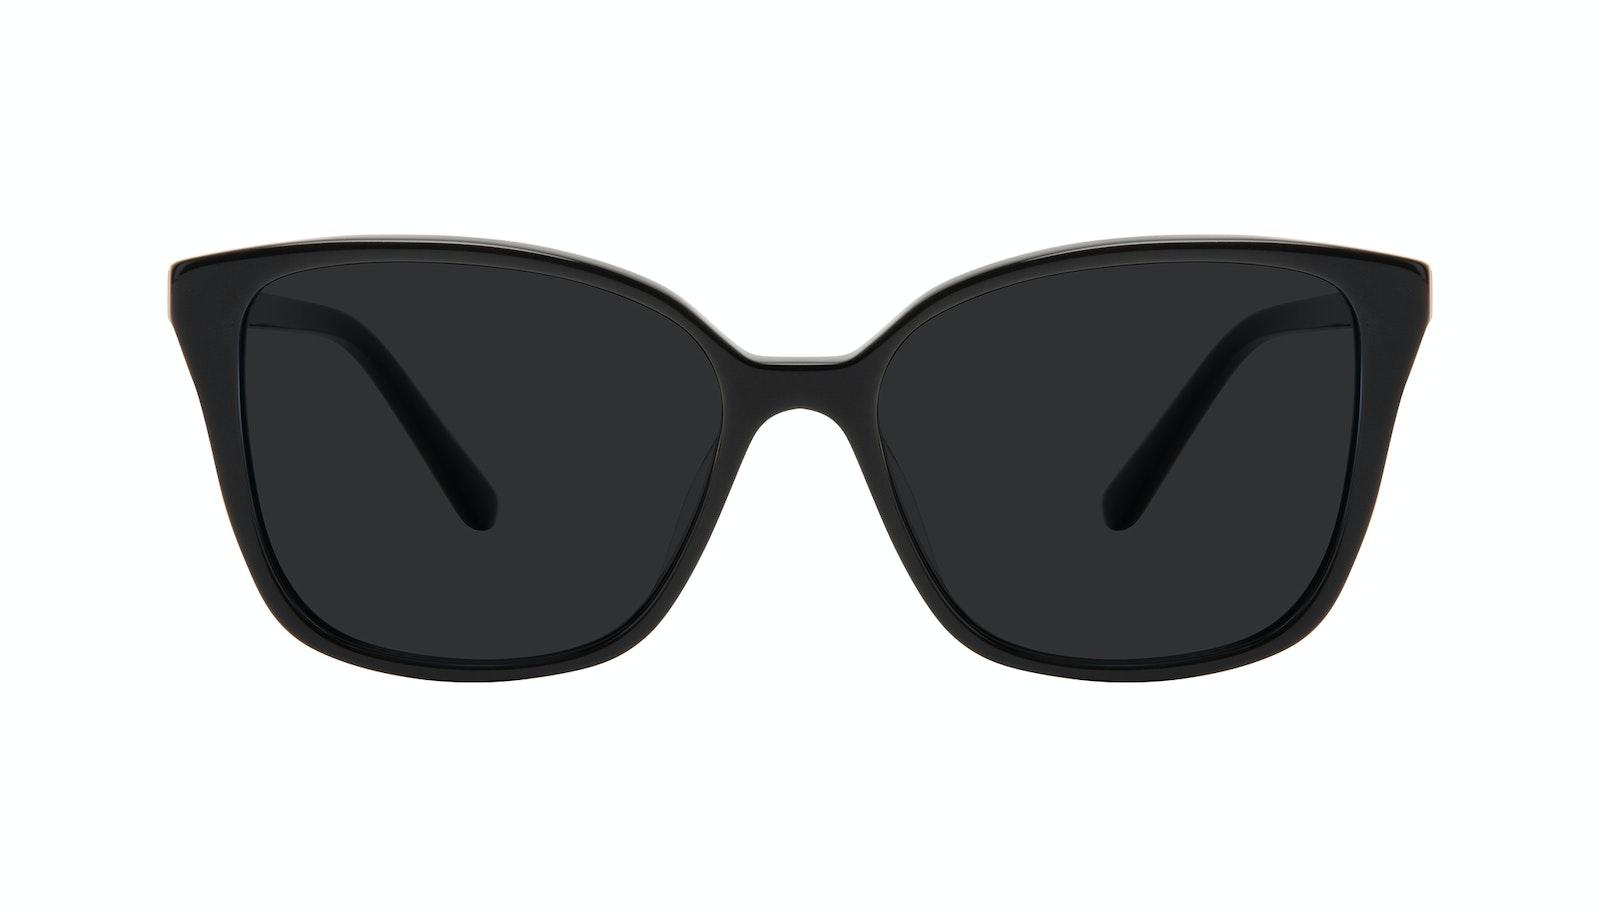 Lunettes tendance Carrée Lunettes de soleil Femmes Only Onyx